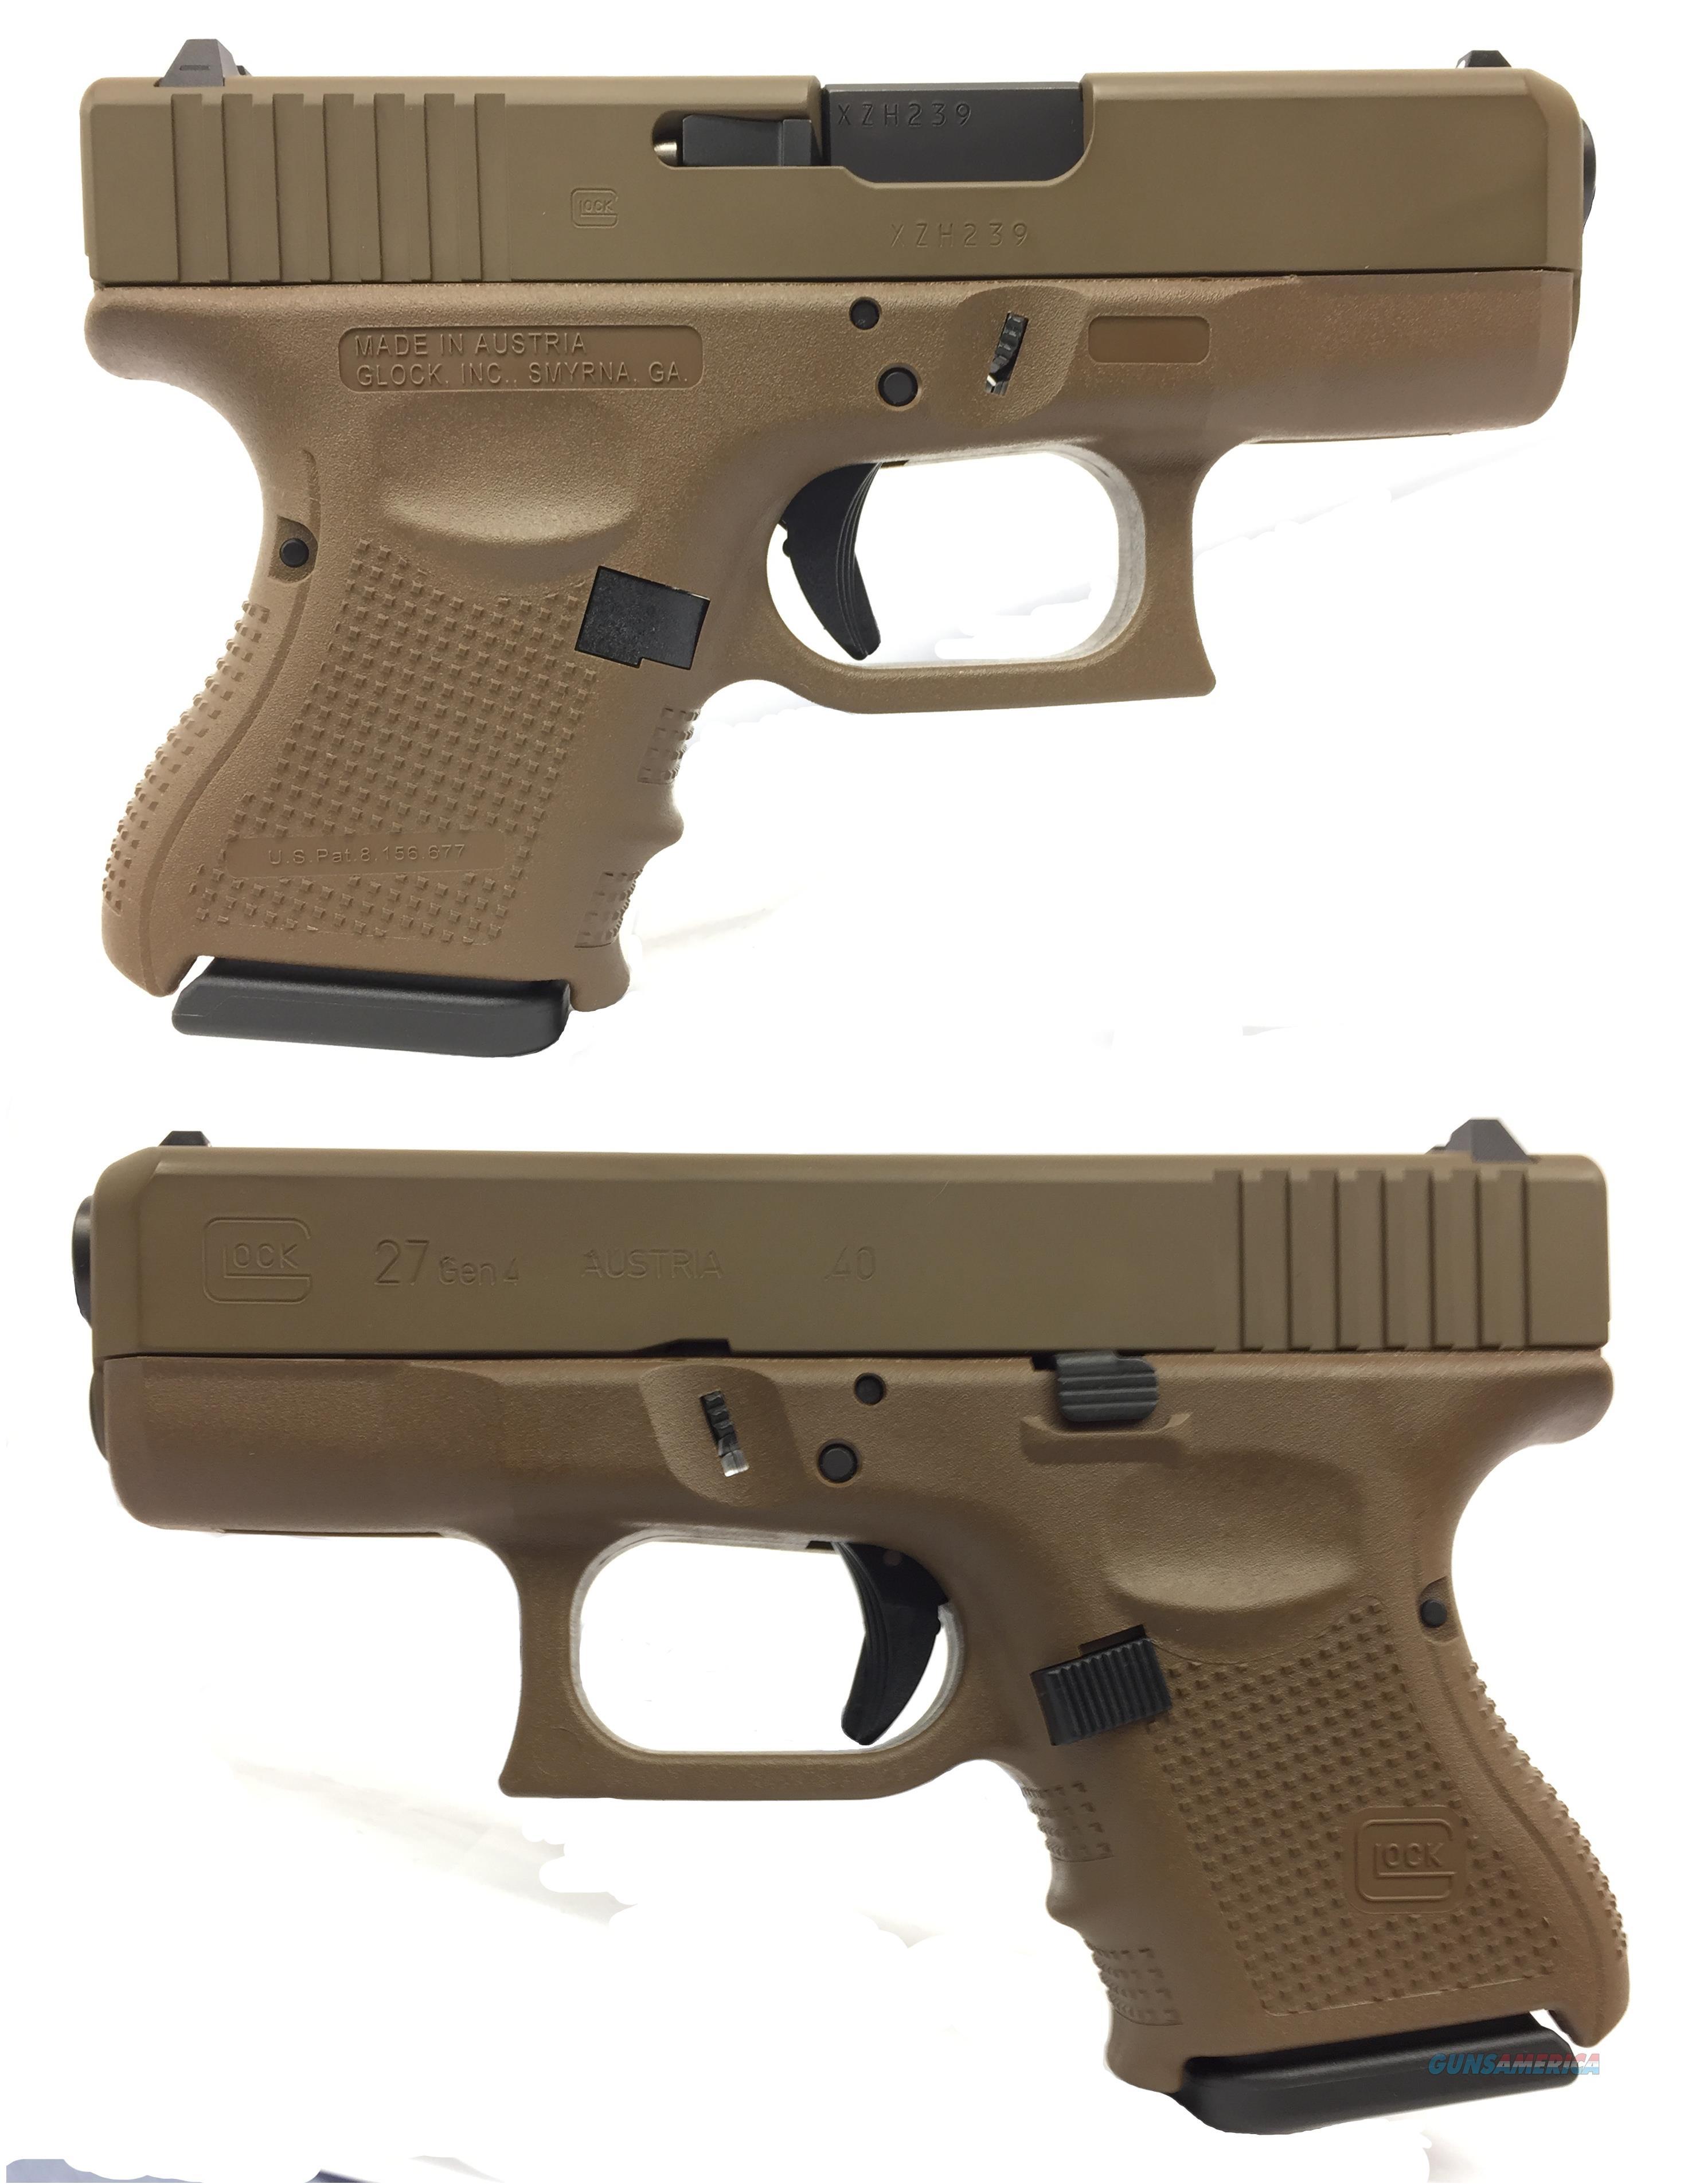 Glock 27 Gen4 40 S&W In FDE  Guns > Pistols > Glock Pistols > 26/27